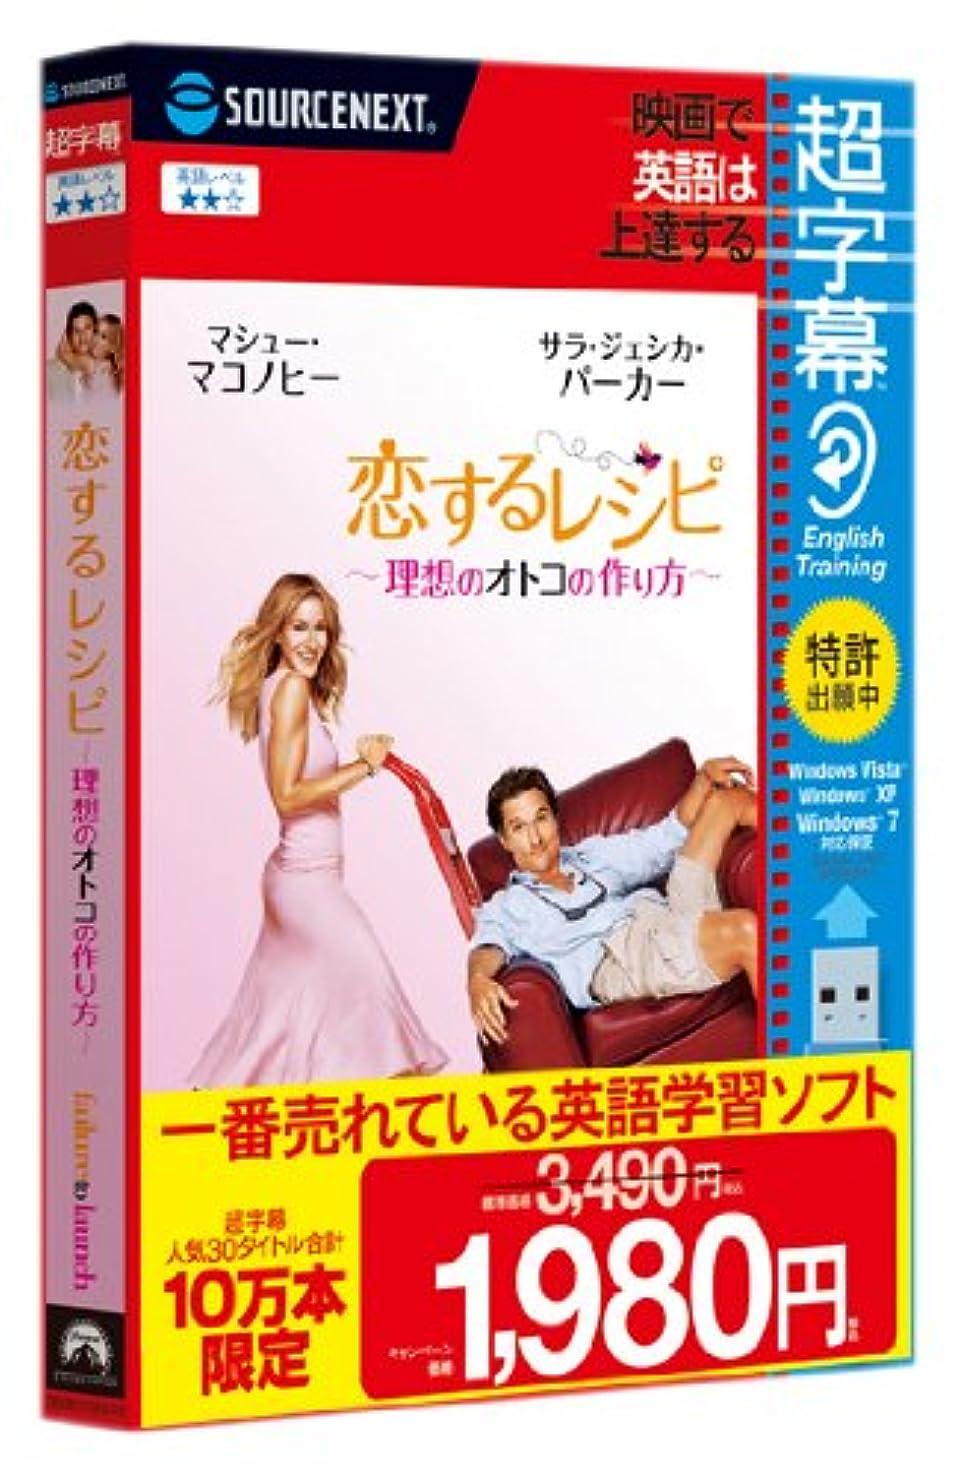 信頼ピクニックをする菊超字幕/恋するレシピ ~理想のオトコの作り方~ (キャンペーン版)